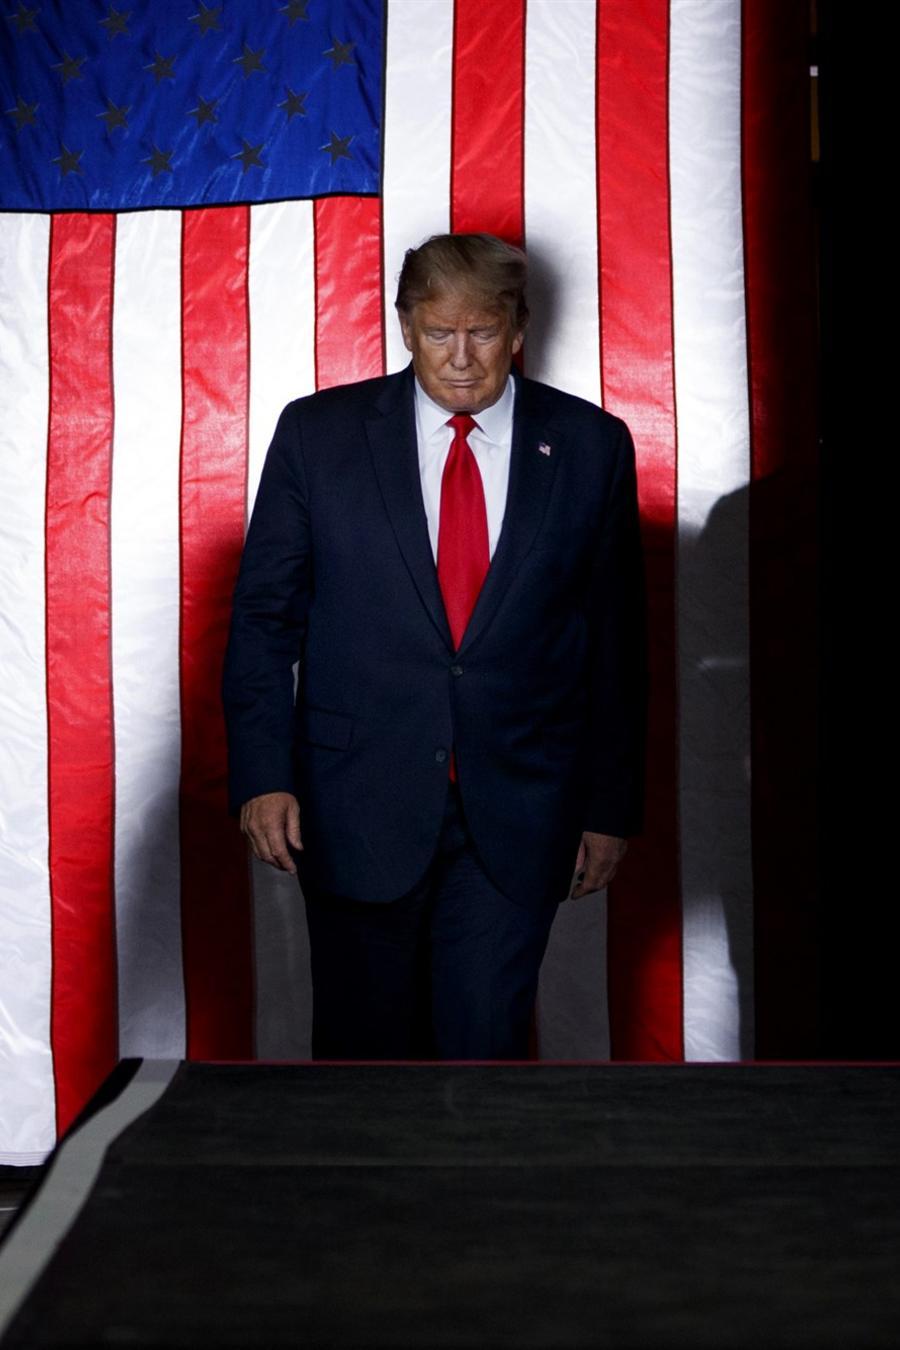 El presidente Donald Trump llega para hablar en un mitin de campaña en Albuquerque, Nuevo México, el 16 de septiembre de 2019. Archivo de Evan Vucci / AP